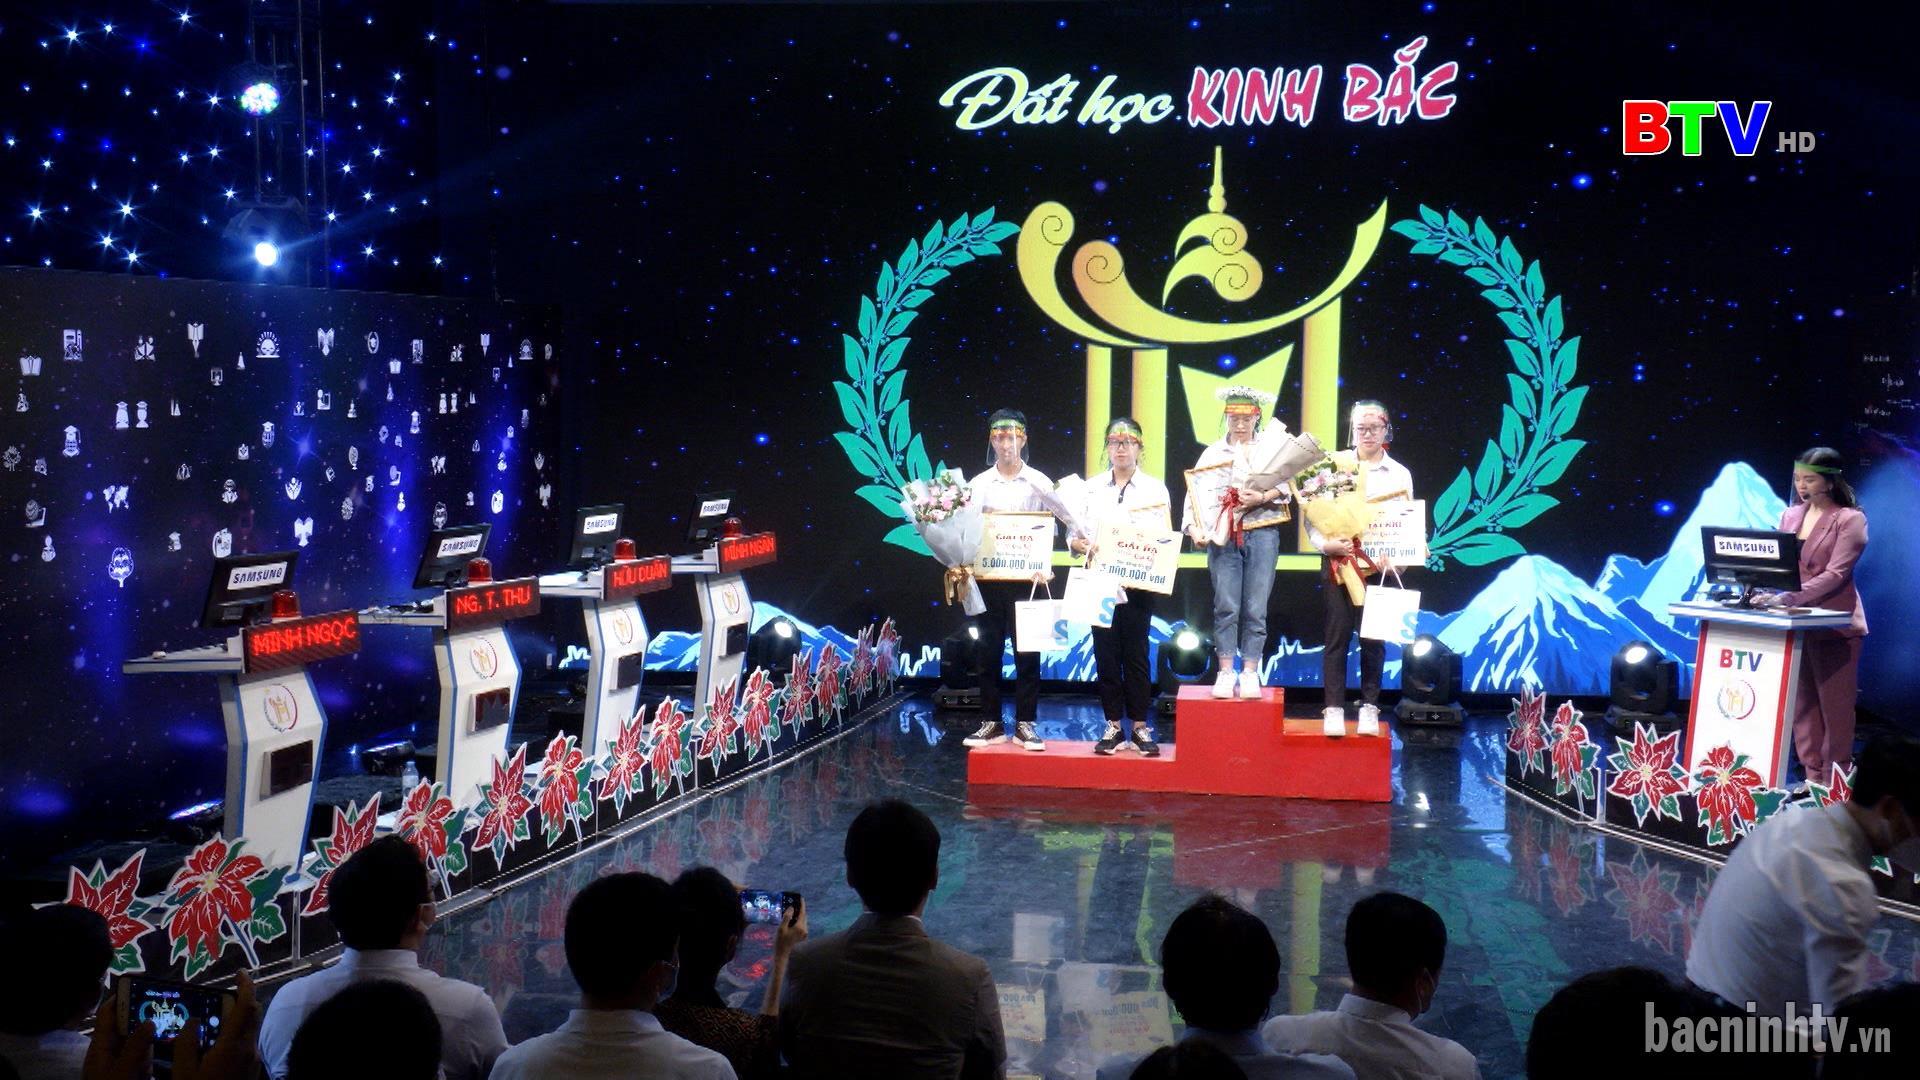 Chung kết Đất học Kinh Bắc năm học 2020 - 2021